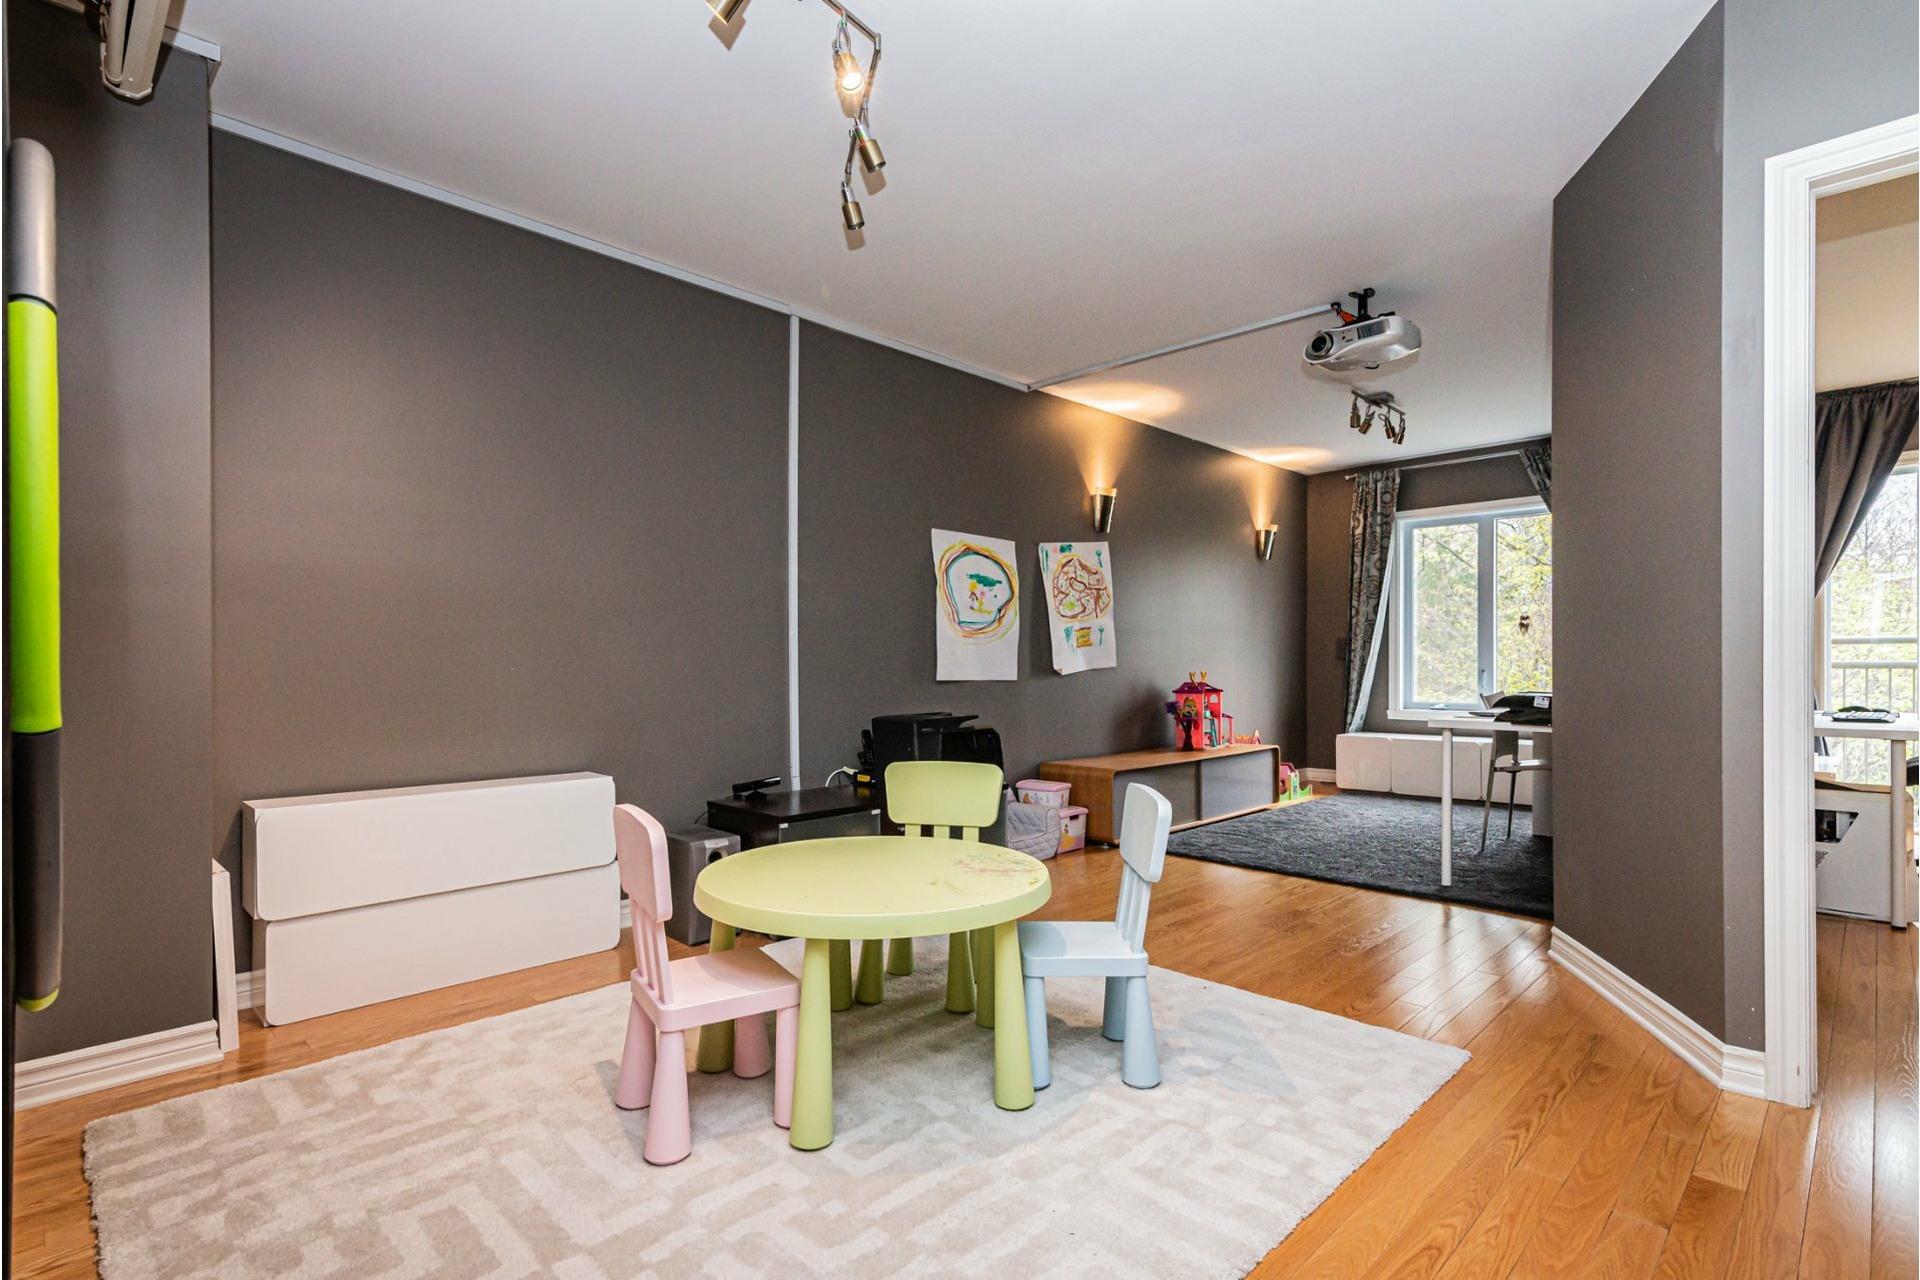 image 17 - Maison À vendre Côte-des-Neiges/Notre-Dame-de-Grâce Montréal  - 11 pièces